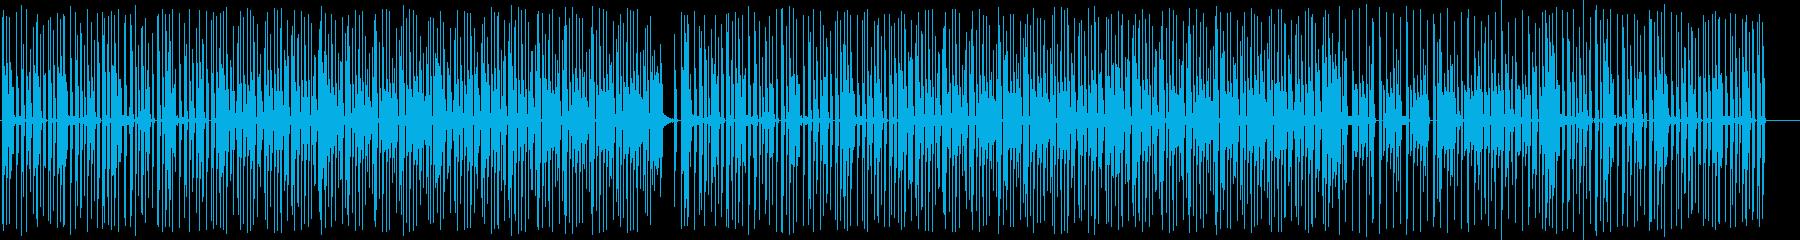 おしゃれでポップなテクノシンセサウンドの再生済みの波形